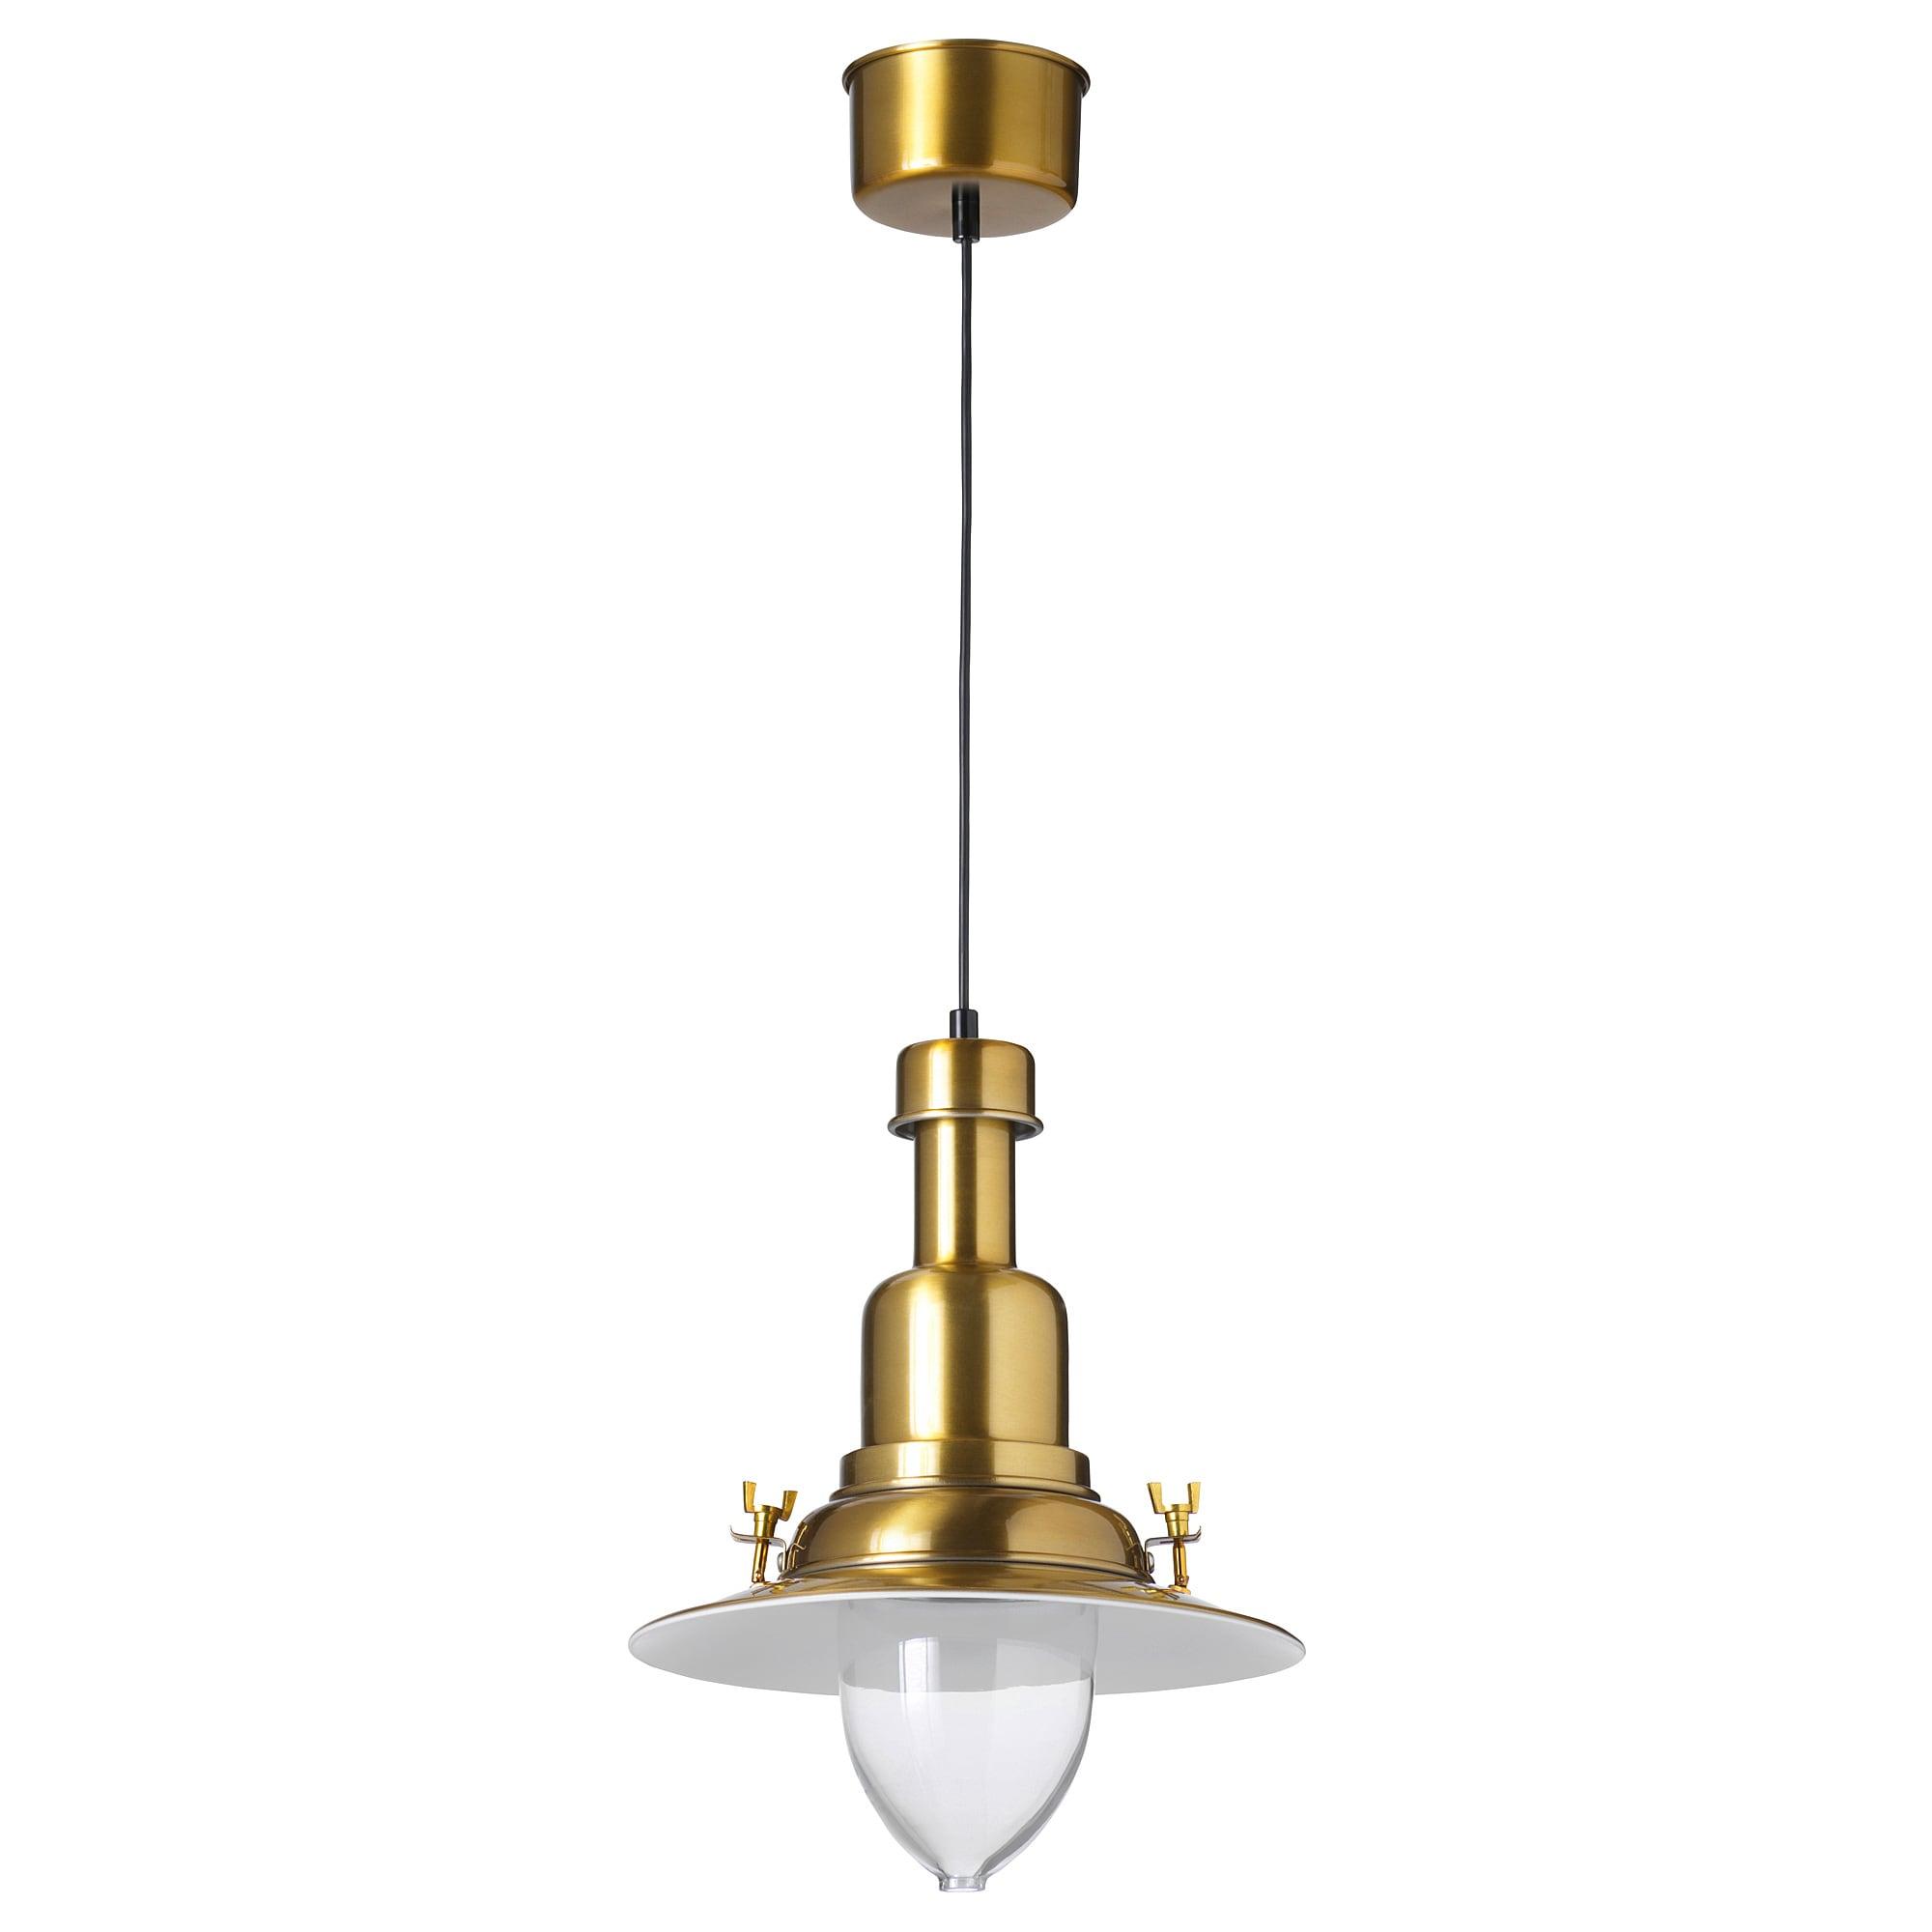 ottava ikea living ceiling lamps  komnit lighting